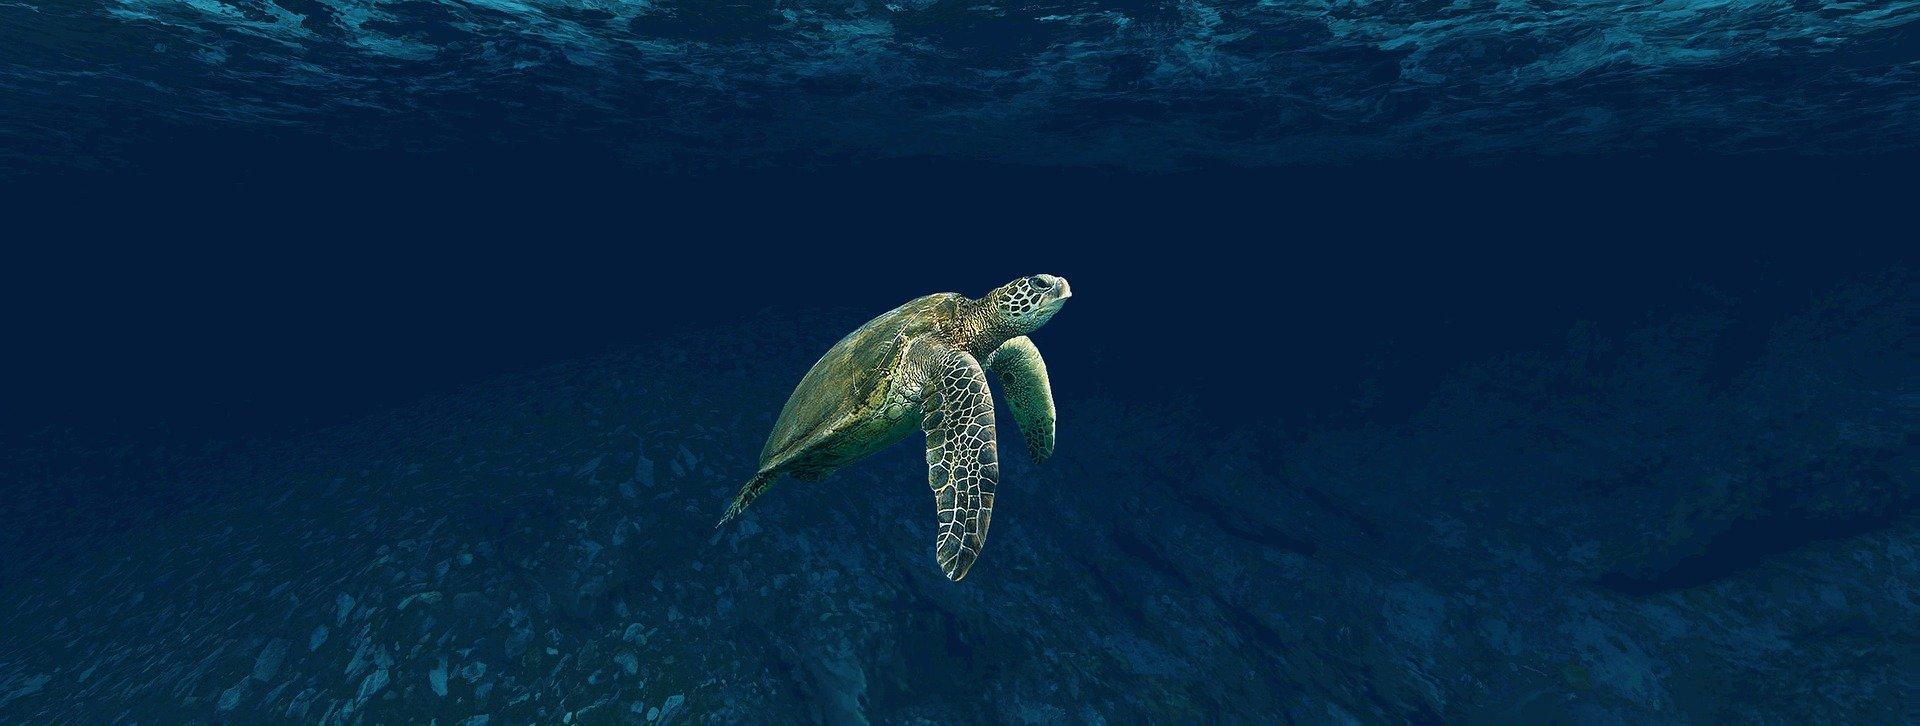 Tartarugas sentem cheiro de comida em plástico, dizem cientistas